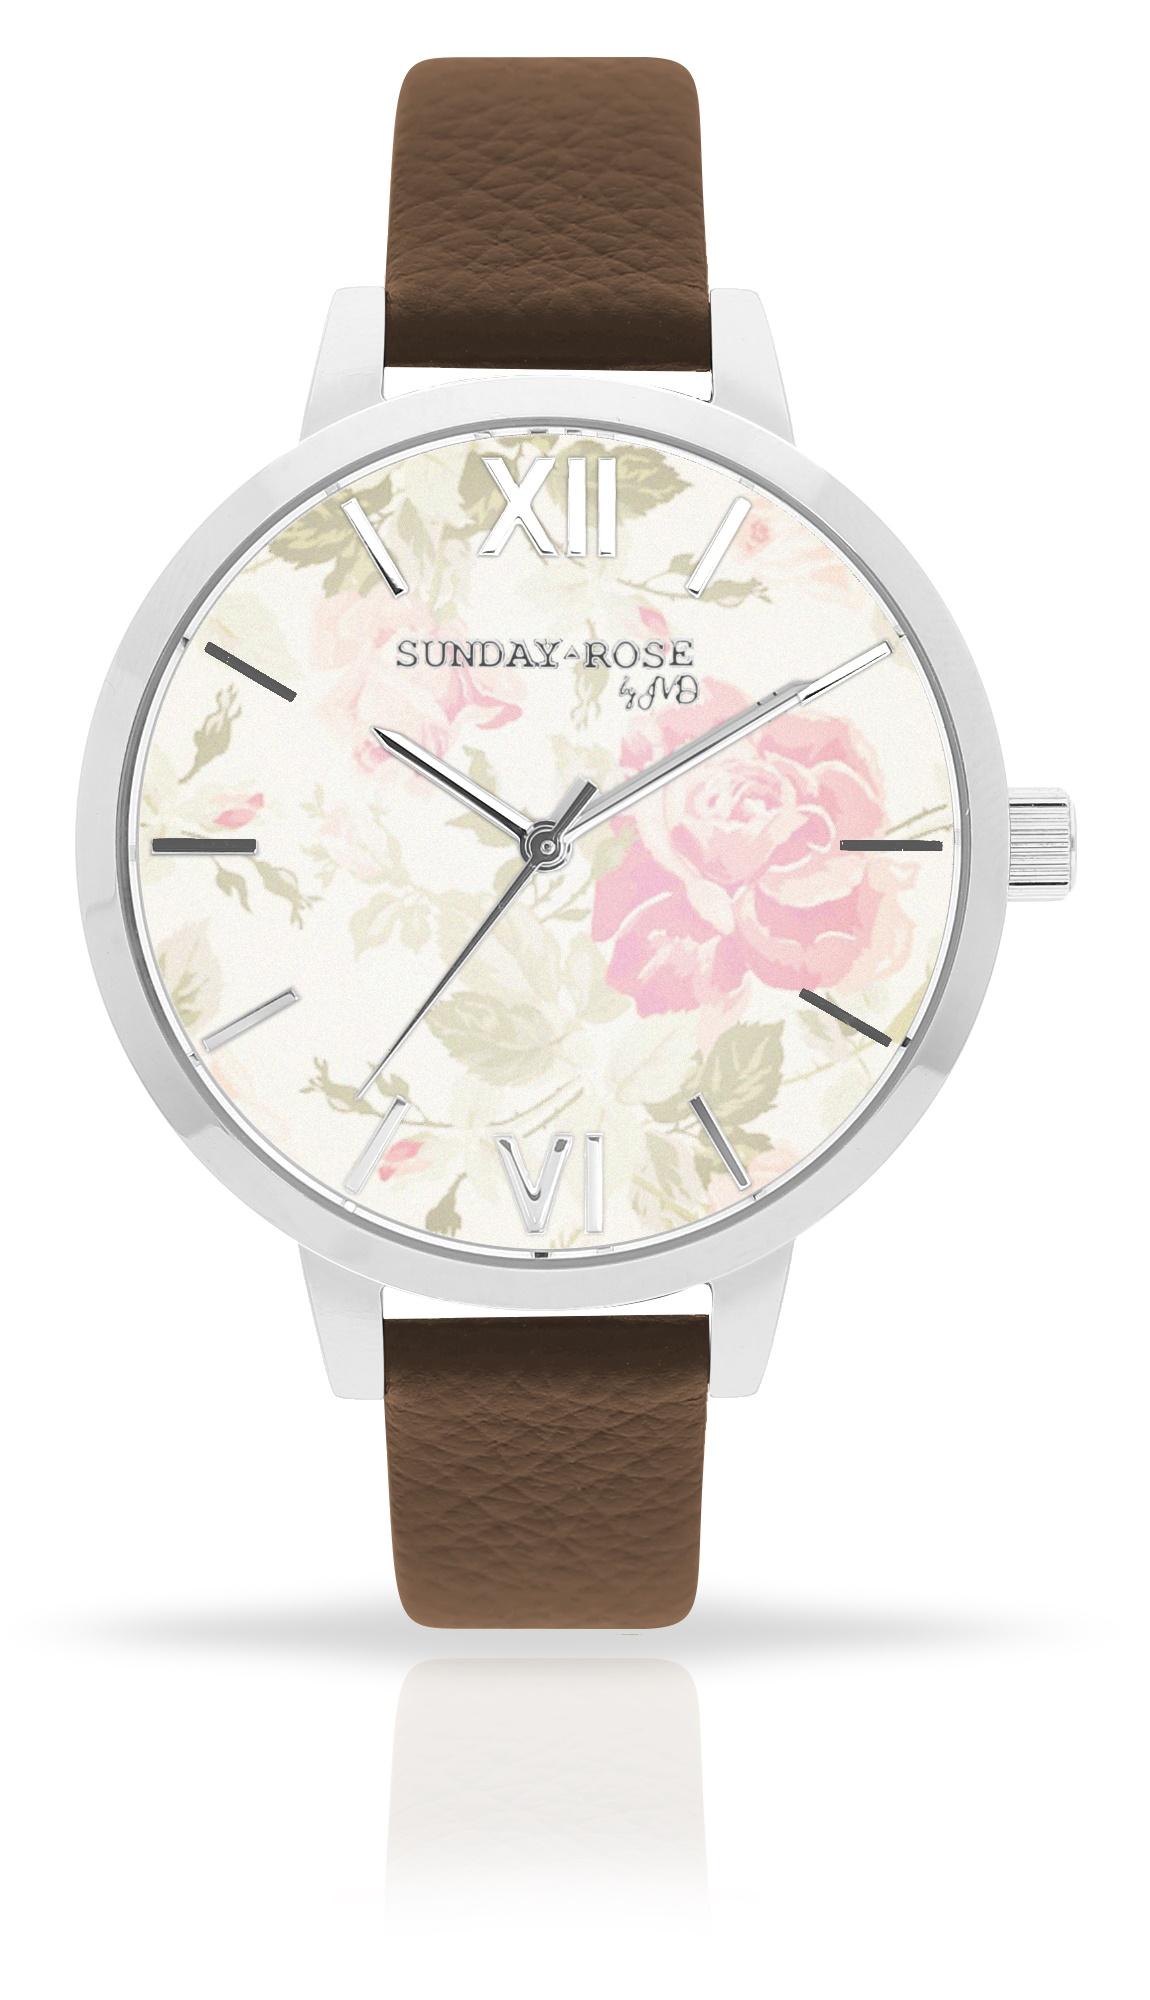 Dámské luxusní designové hodinky SUNDAY ROSE Alive VINTAGE FLOWERS (POŠTOVNÉ ZDARMA!!)